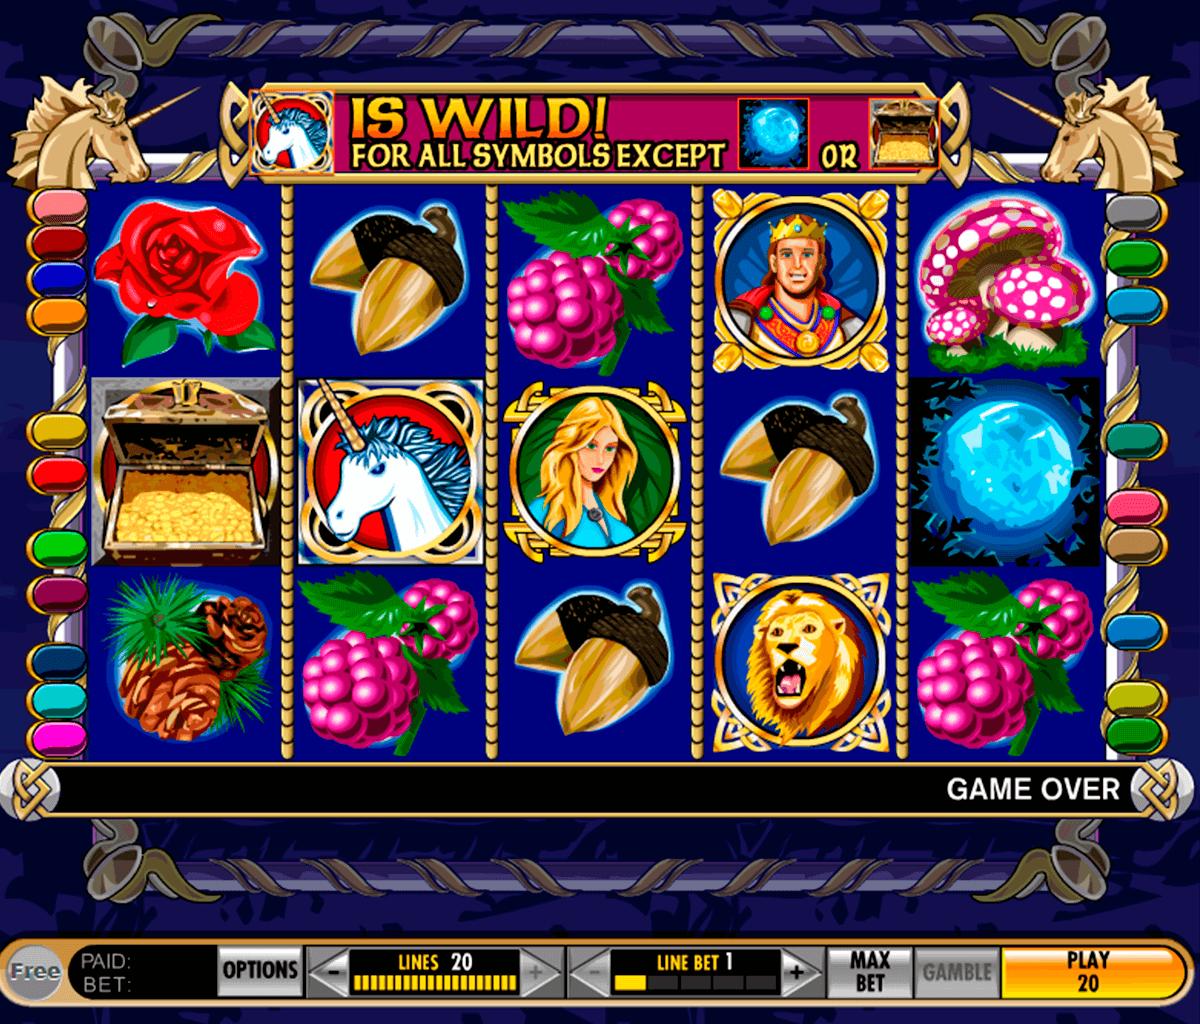 Maquinas tragamonedas gratis de 20 lineas bonos $ casino USA-666200